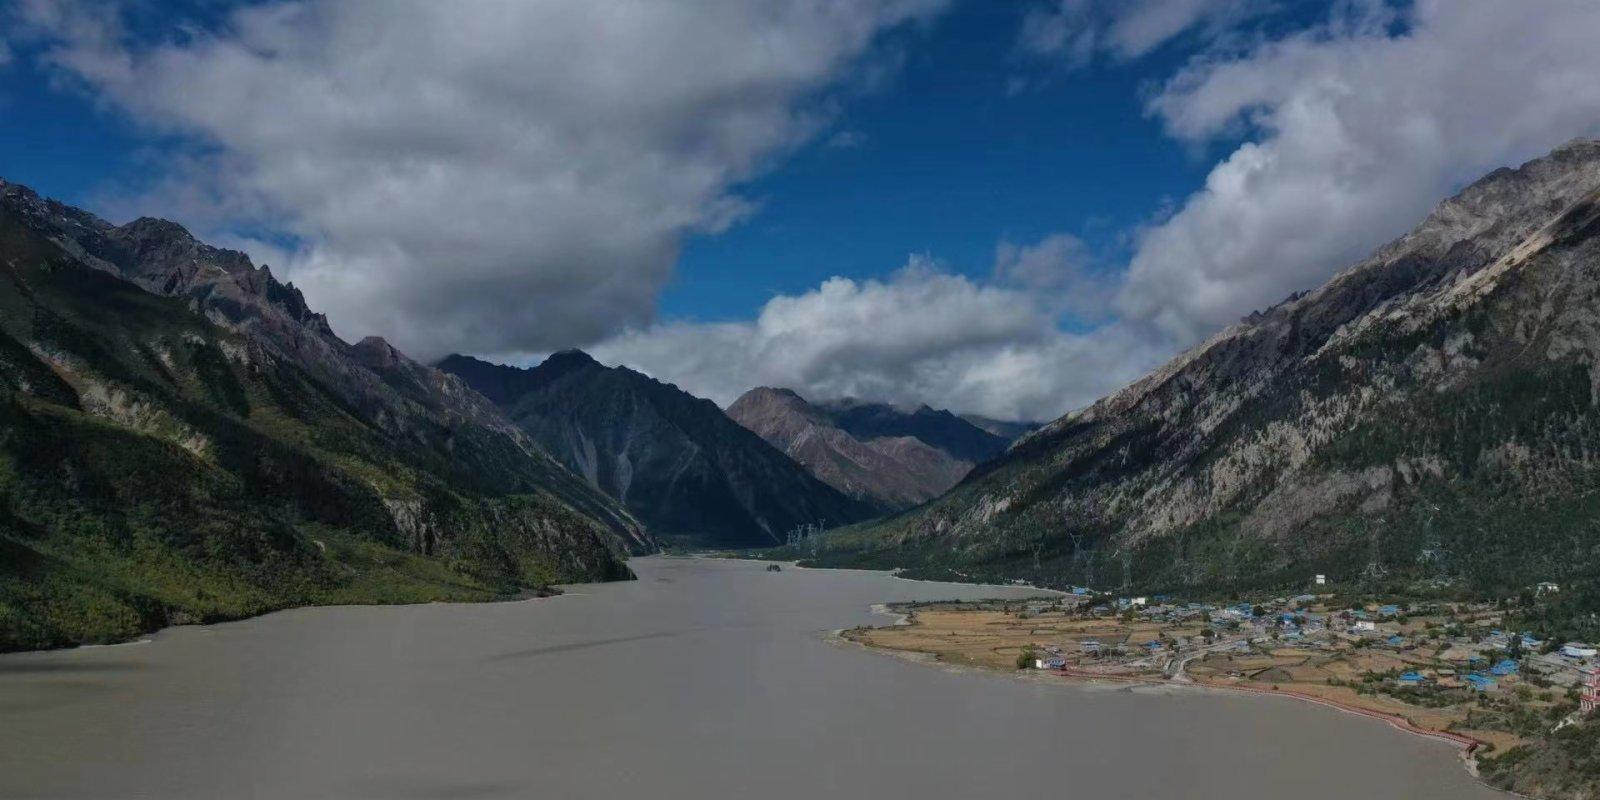 21世紀西行漫記西藏篇(3)—— 「怒江巨人」和「童話小屋」